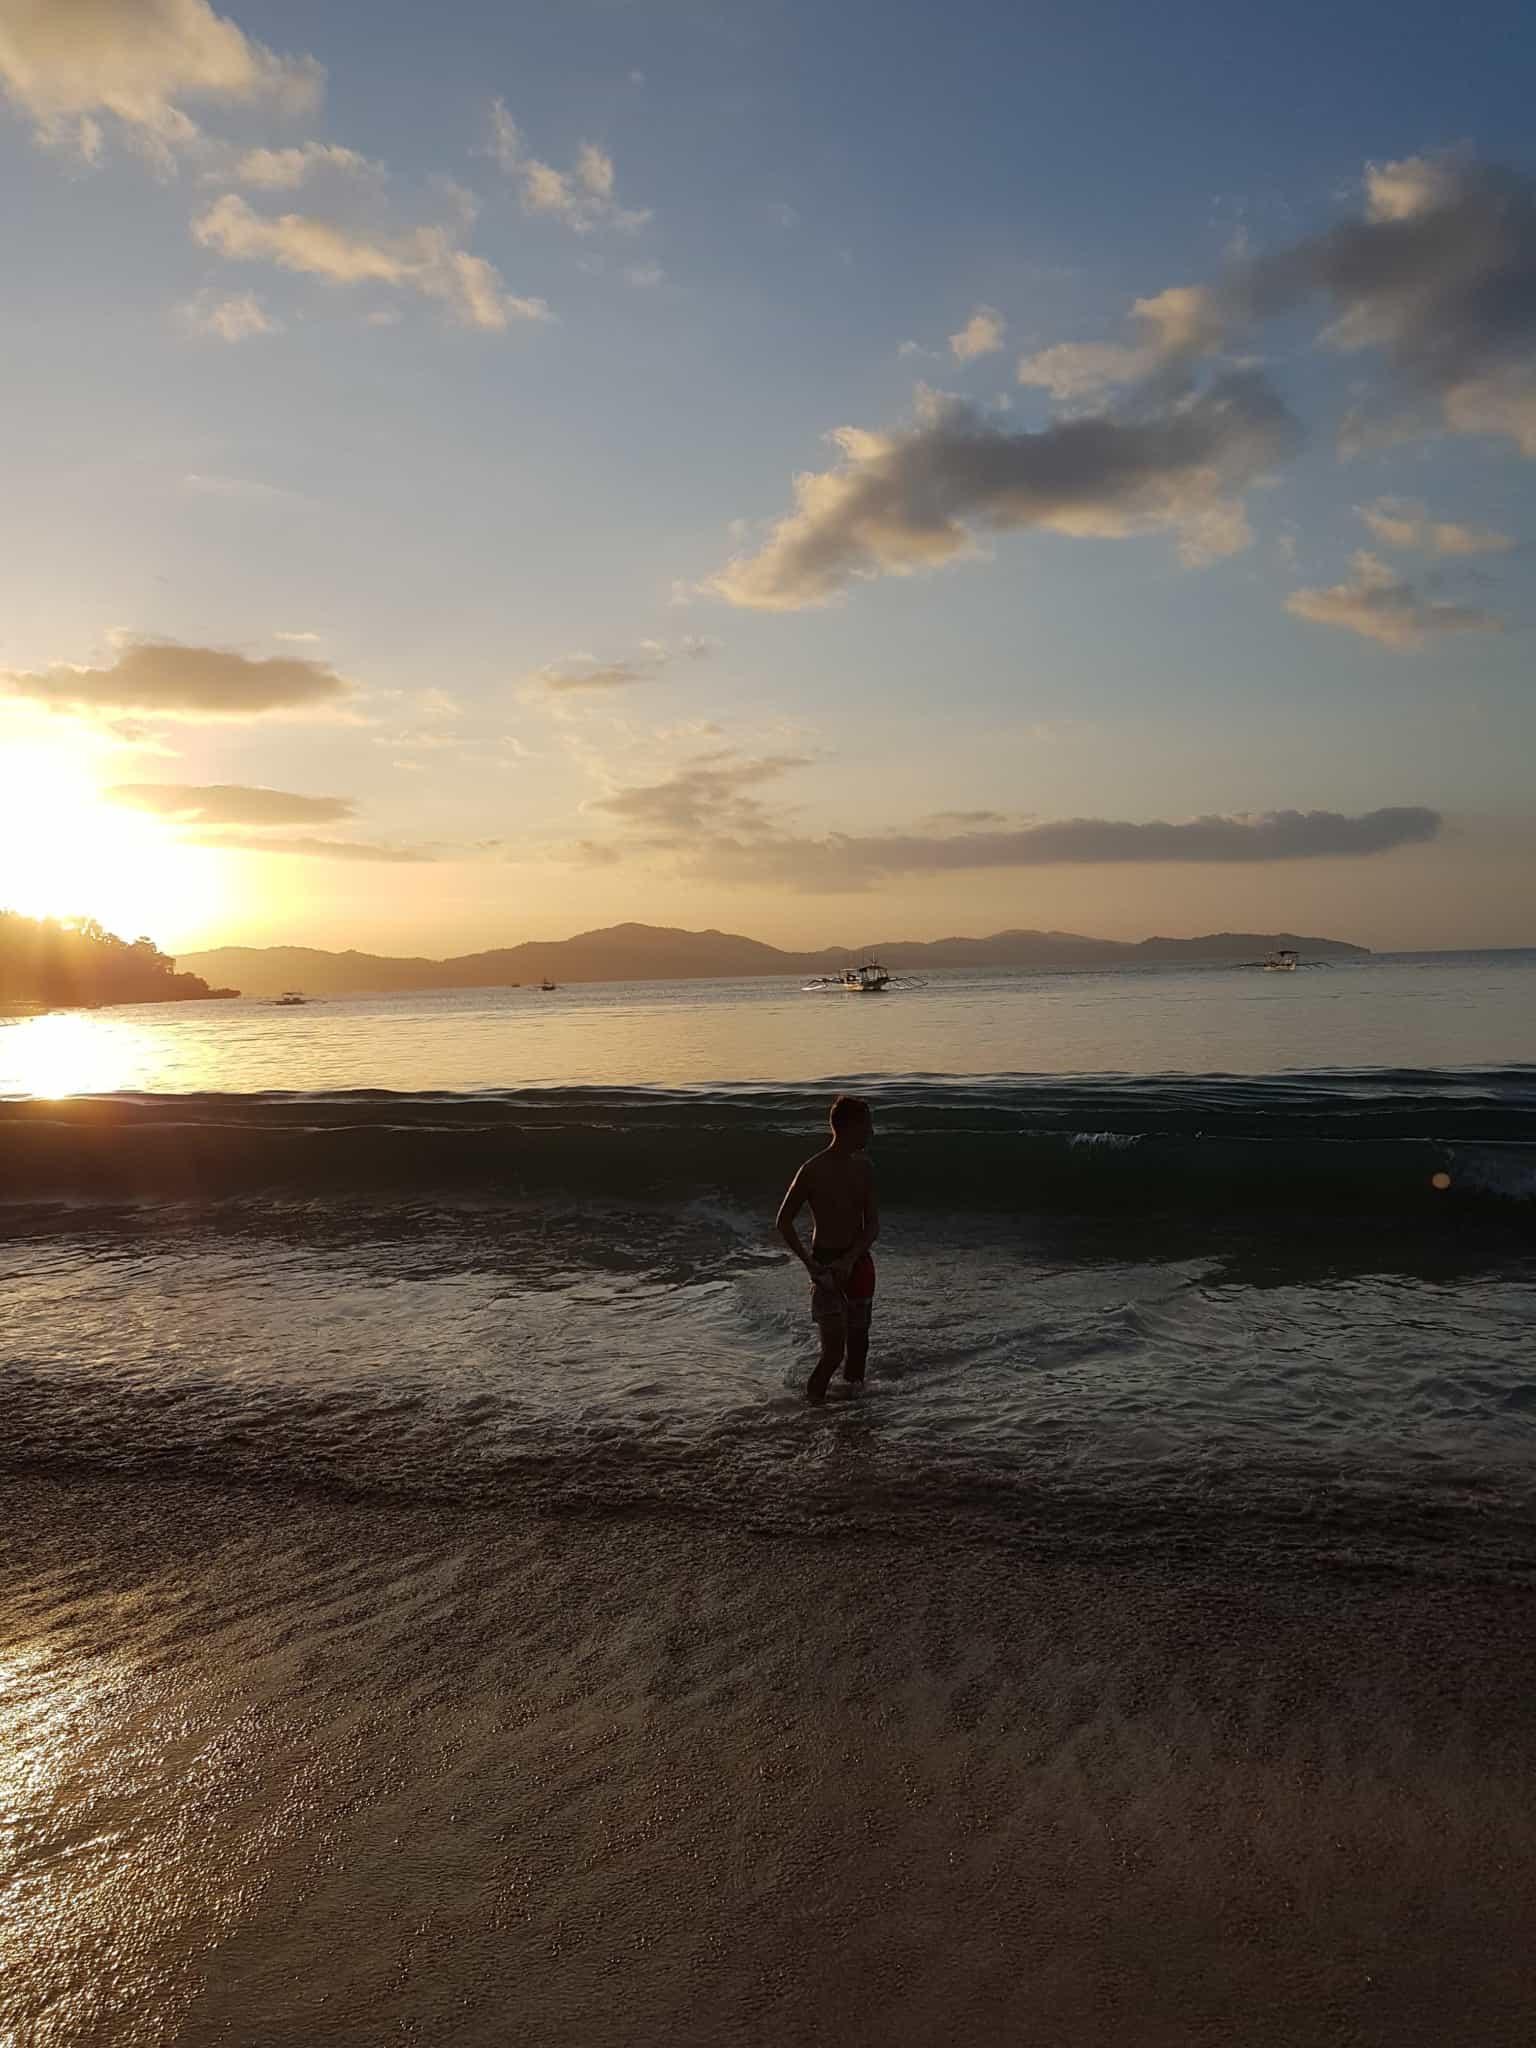 Philippines, comment je me suis retrouvée seule sur une île déserte 🧜♀️ 10